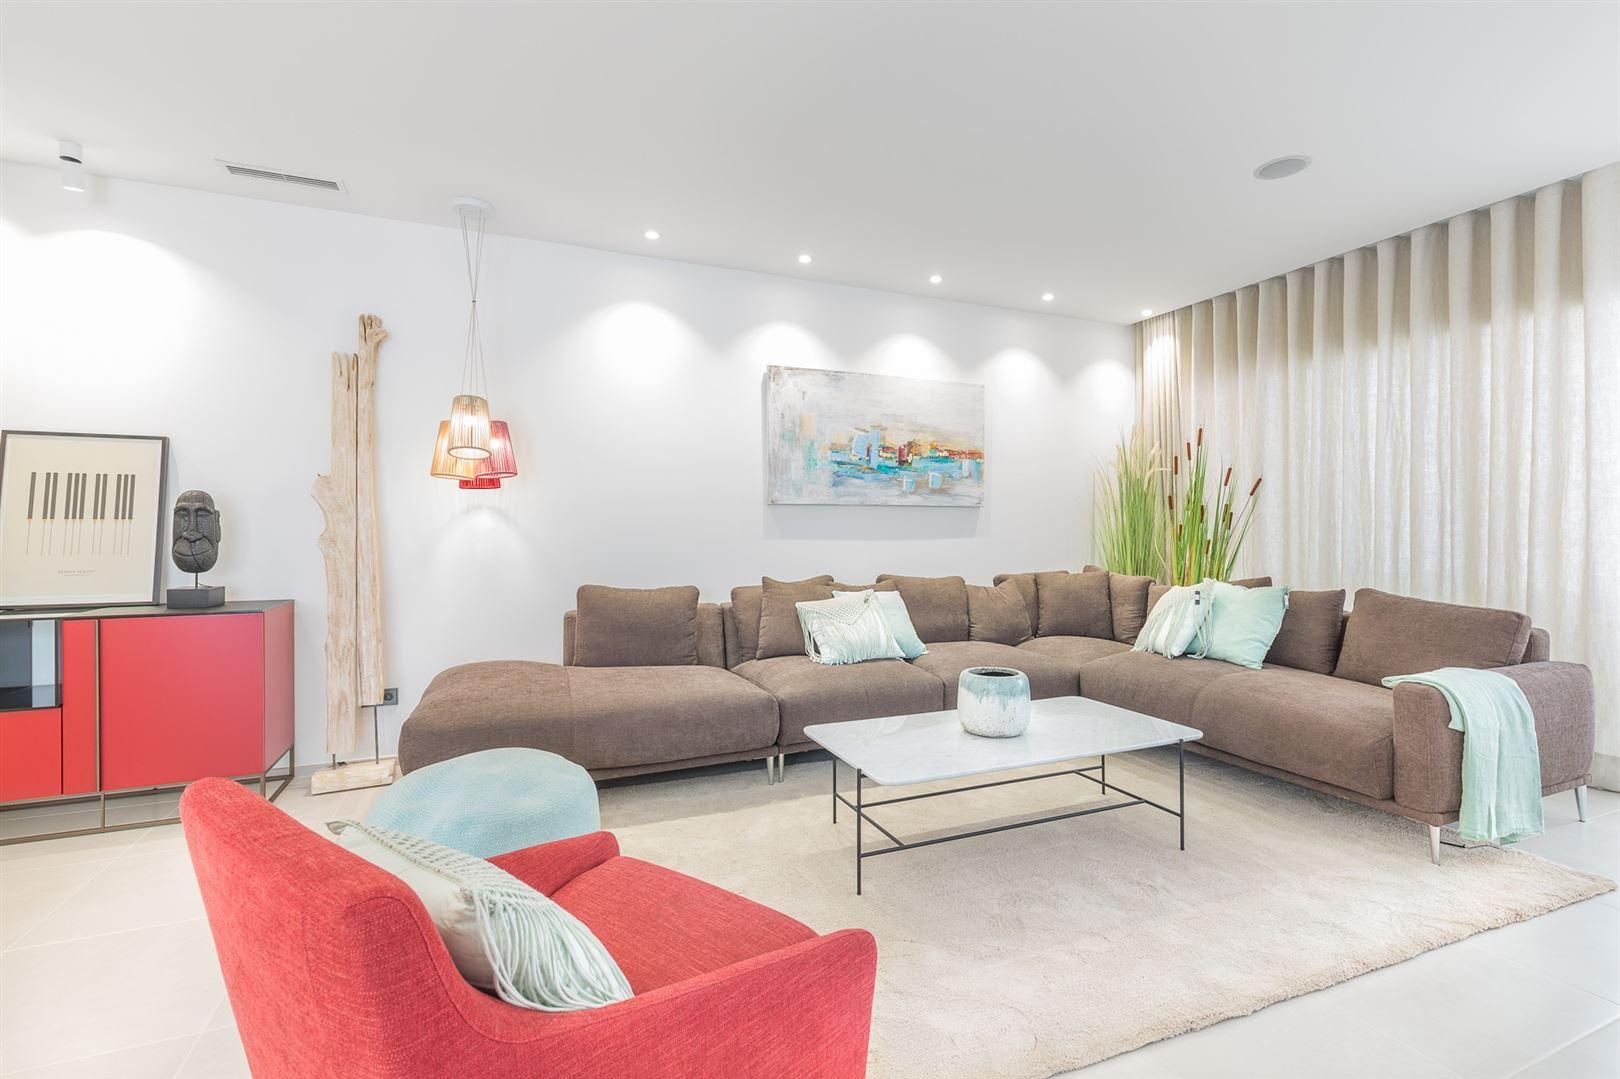 Foto 3 : Appartement te 38632 PALM MAR (Spanje) - Prijs € 450.000